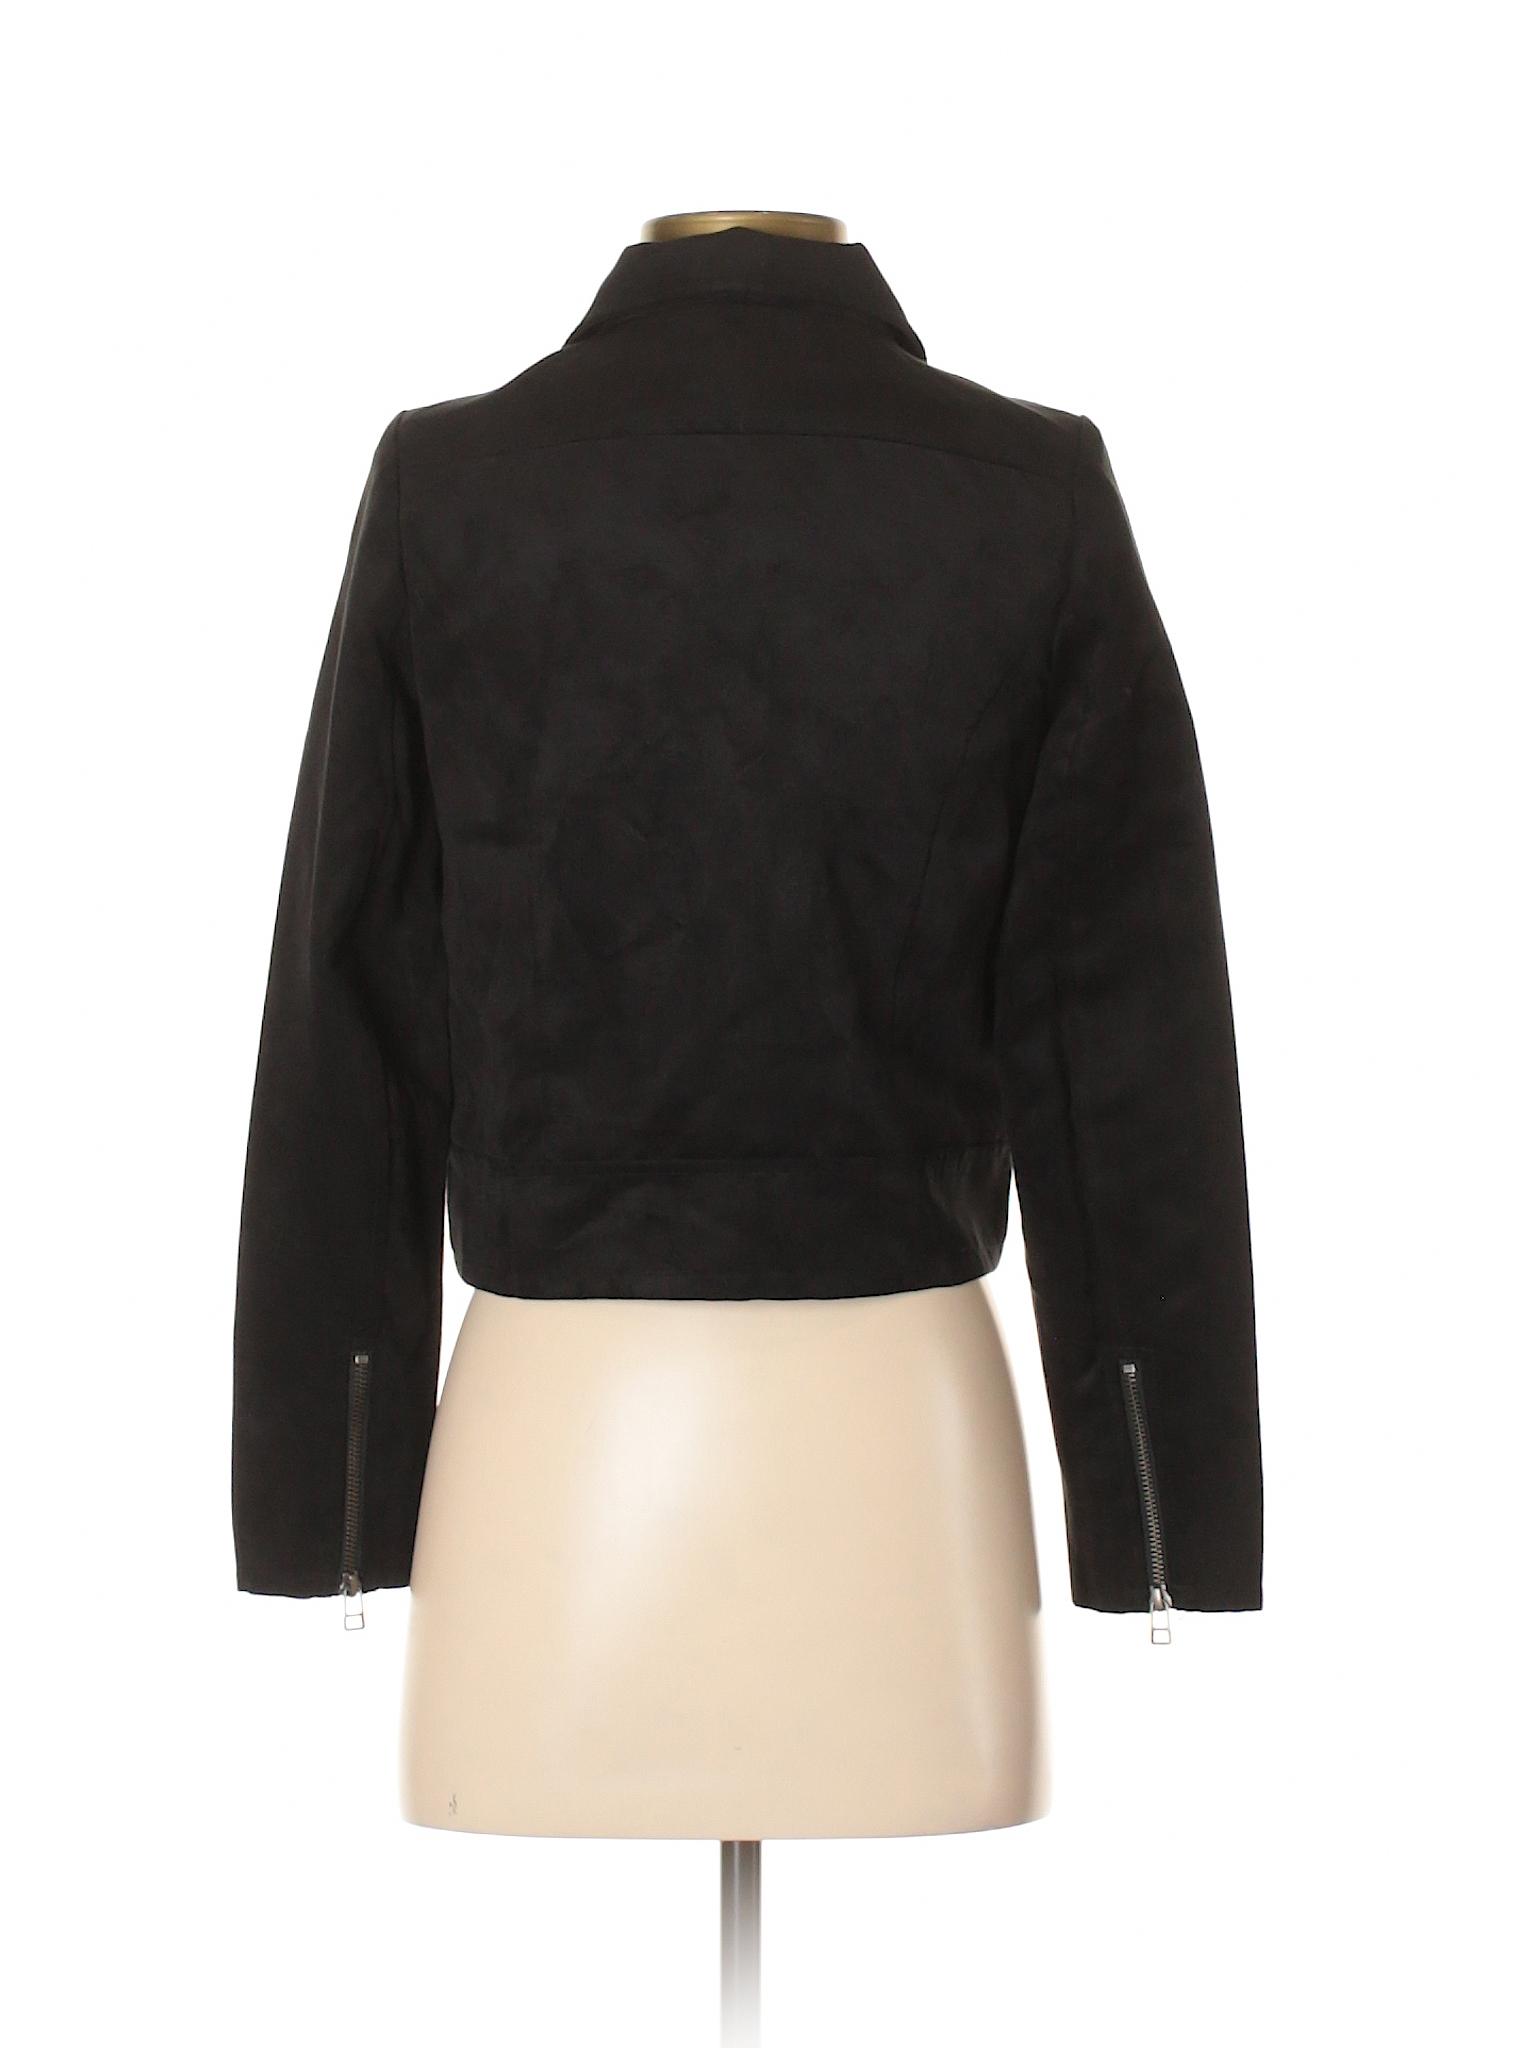 Jacket Bond winter Treasure amp; Boutique RqgIZ